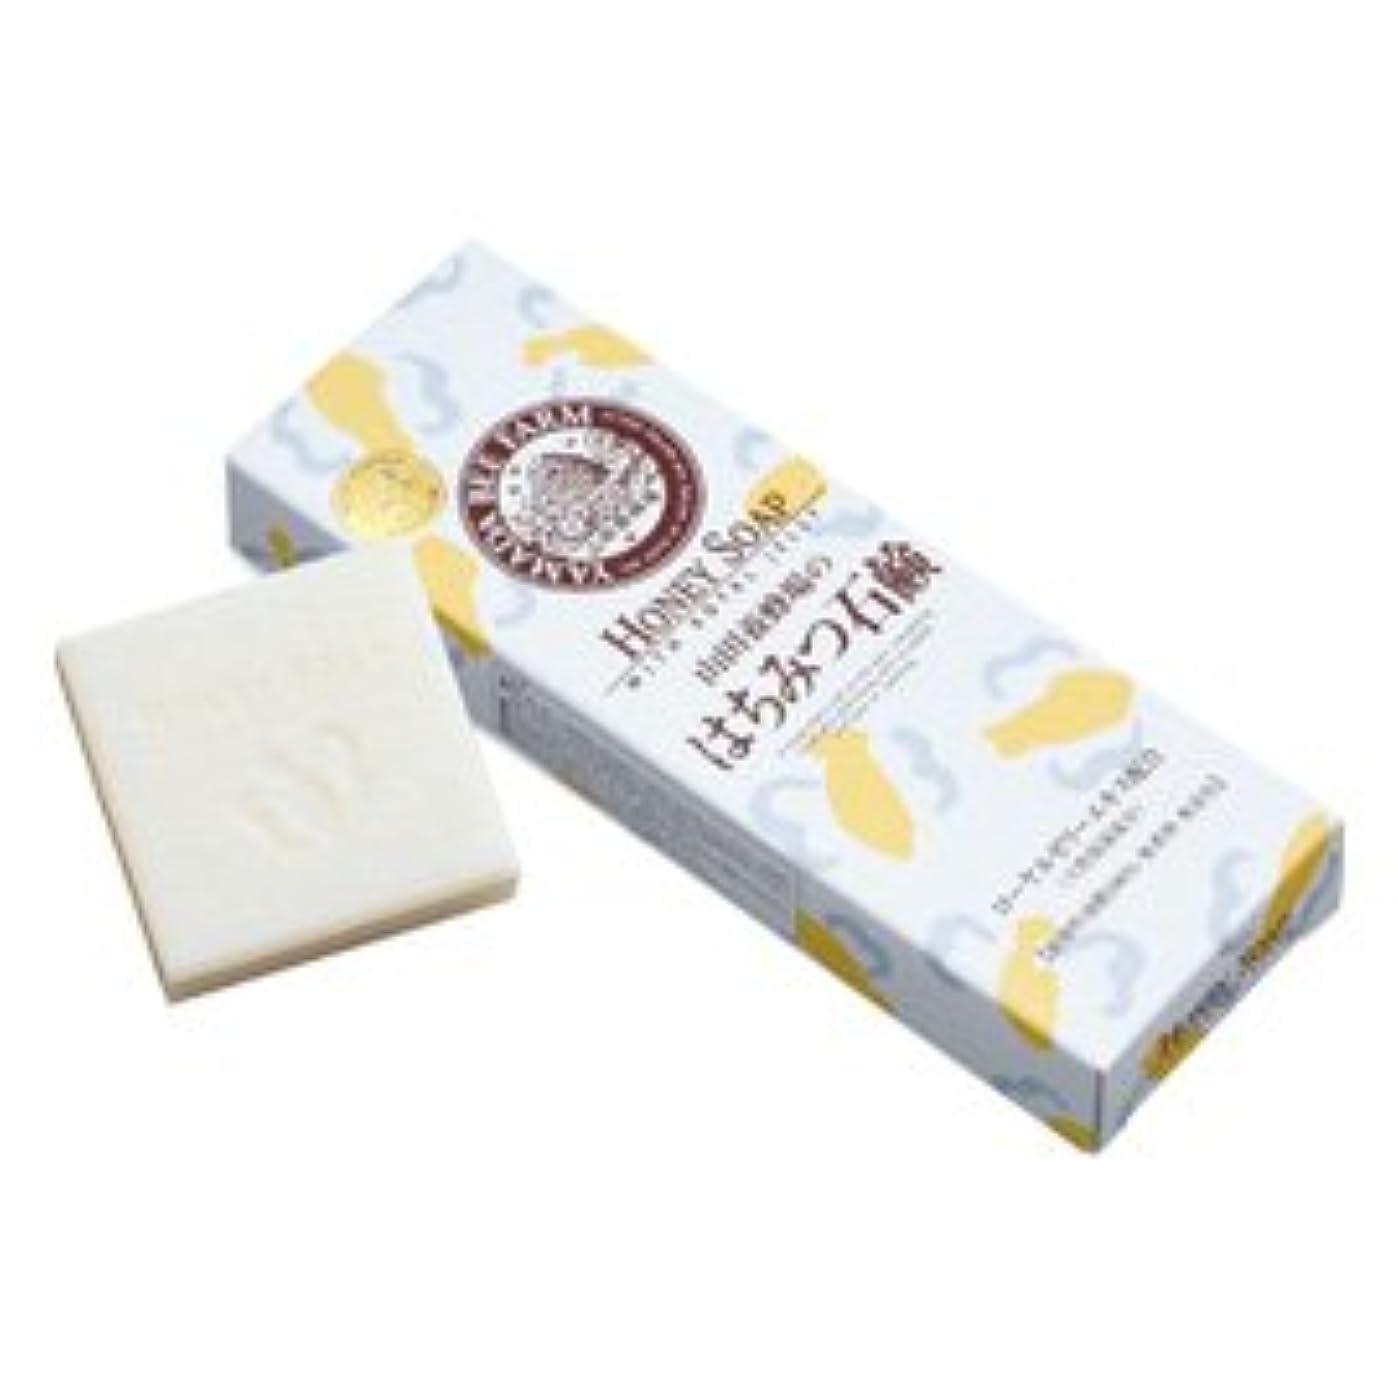 ねばねば反対するドキドキはちみつ石鹸 60g×3個入/Honey Soap